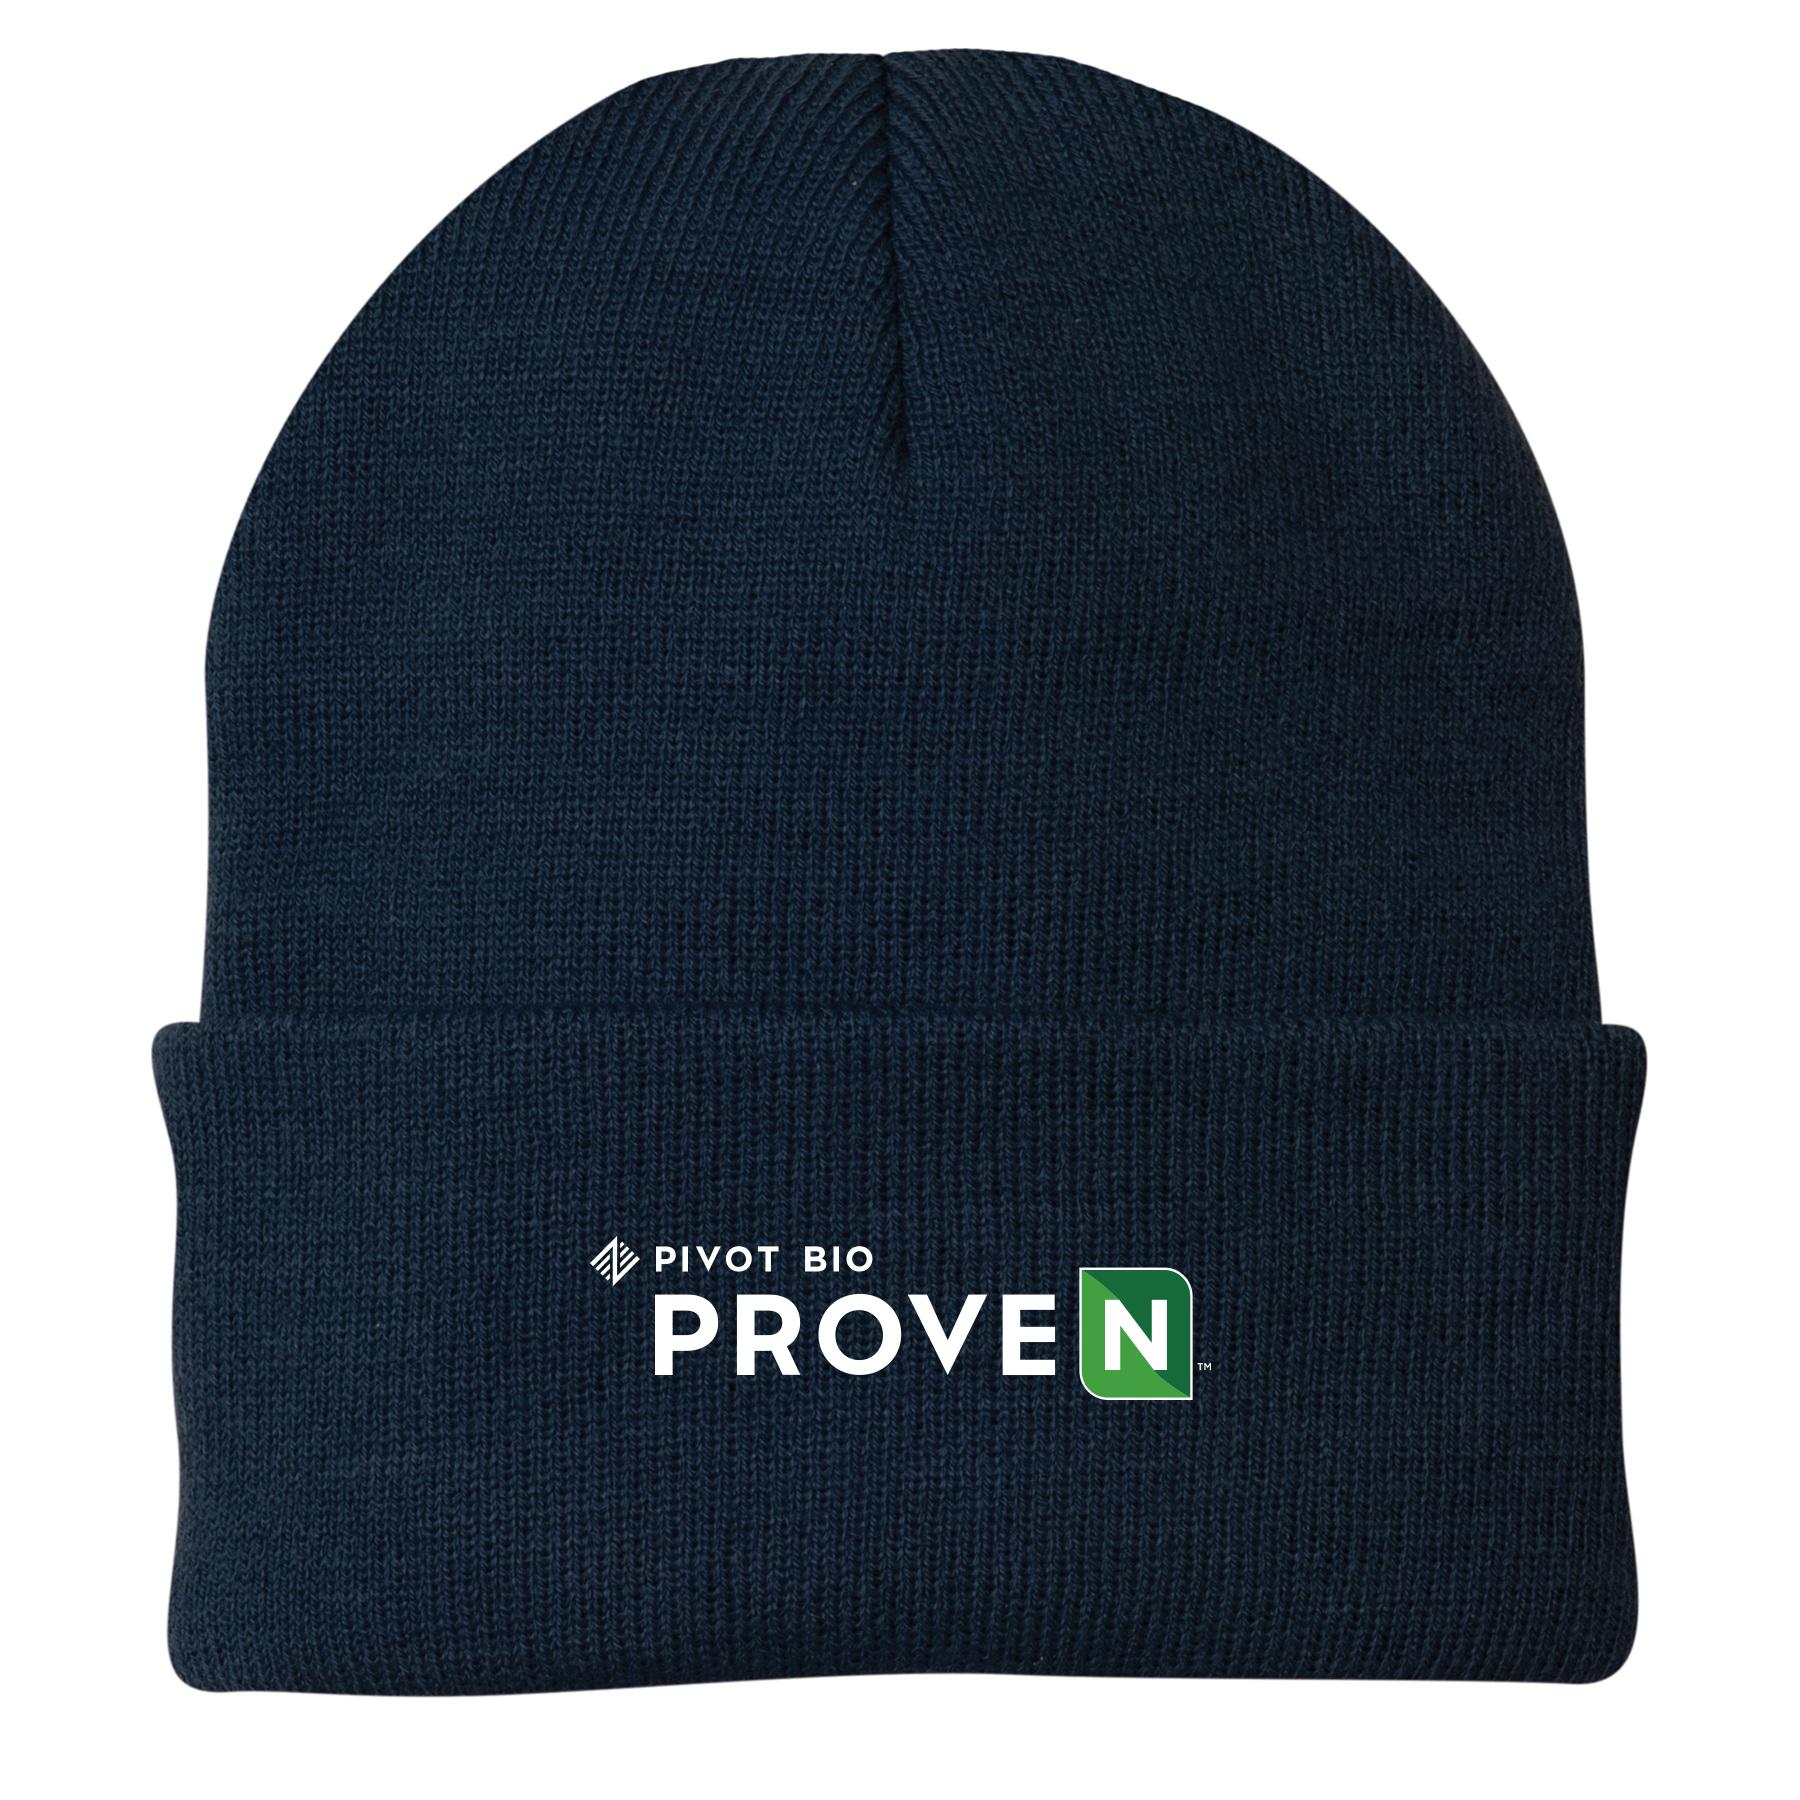 Pivot Bio PROVEN™ hat